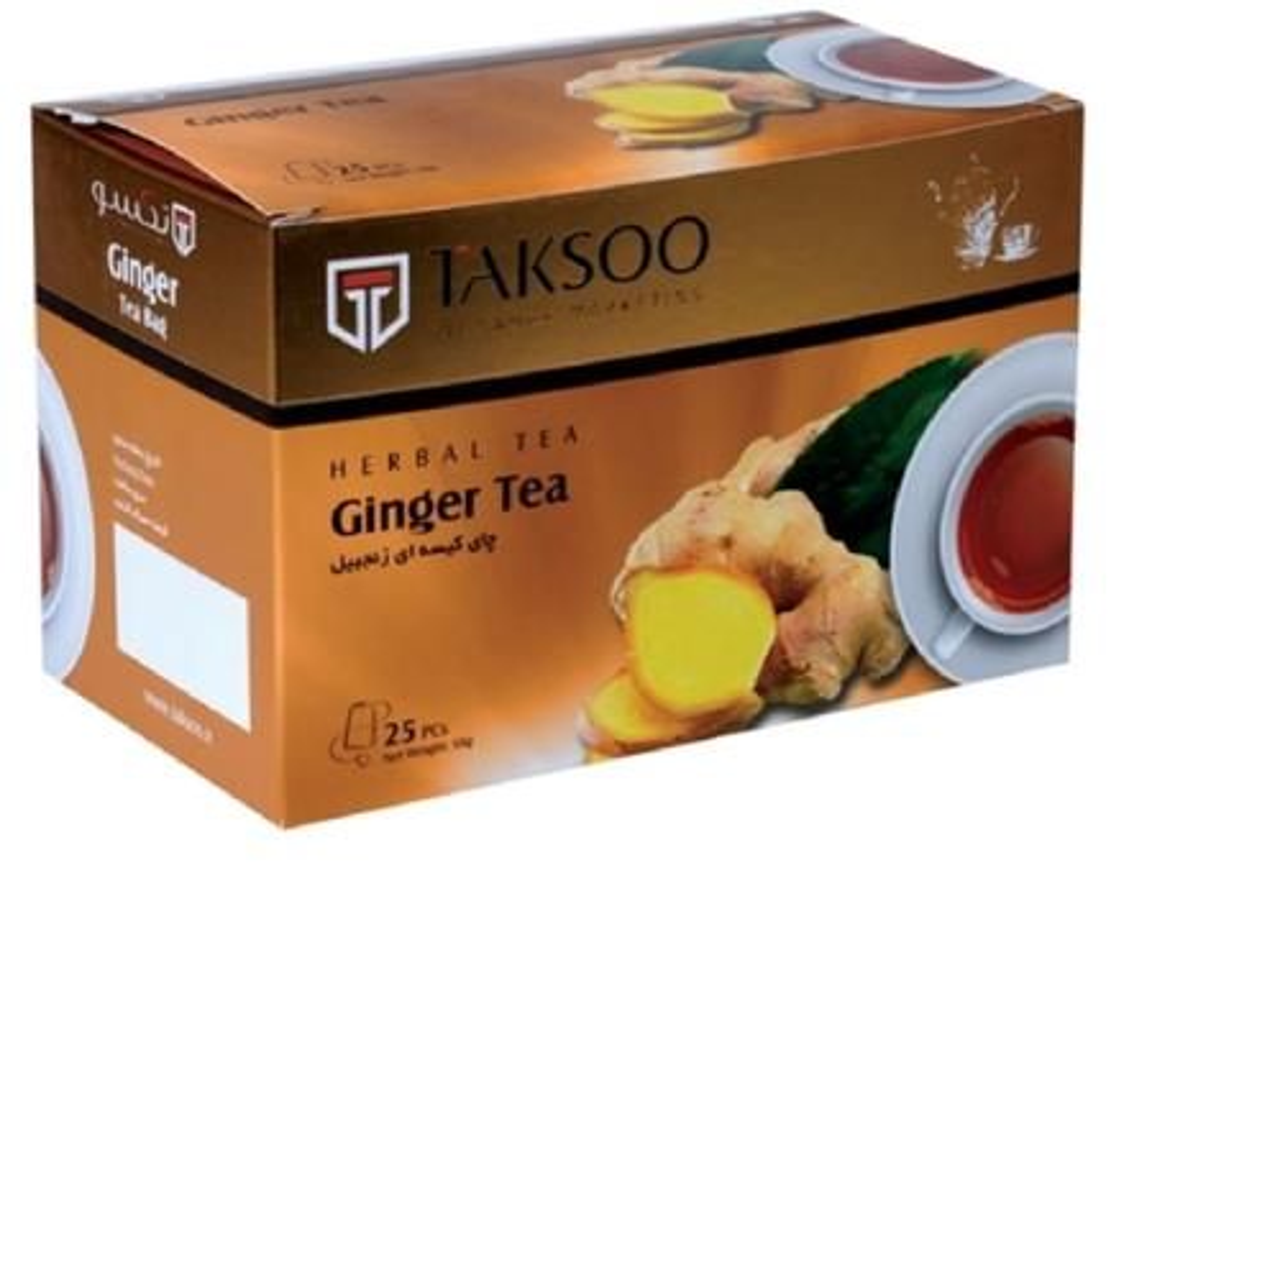 چای کیسه ای زنجبیل تکسو بسته 25عددی